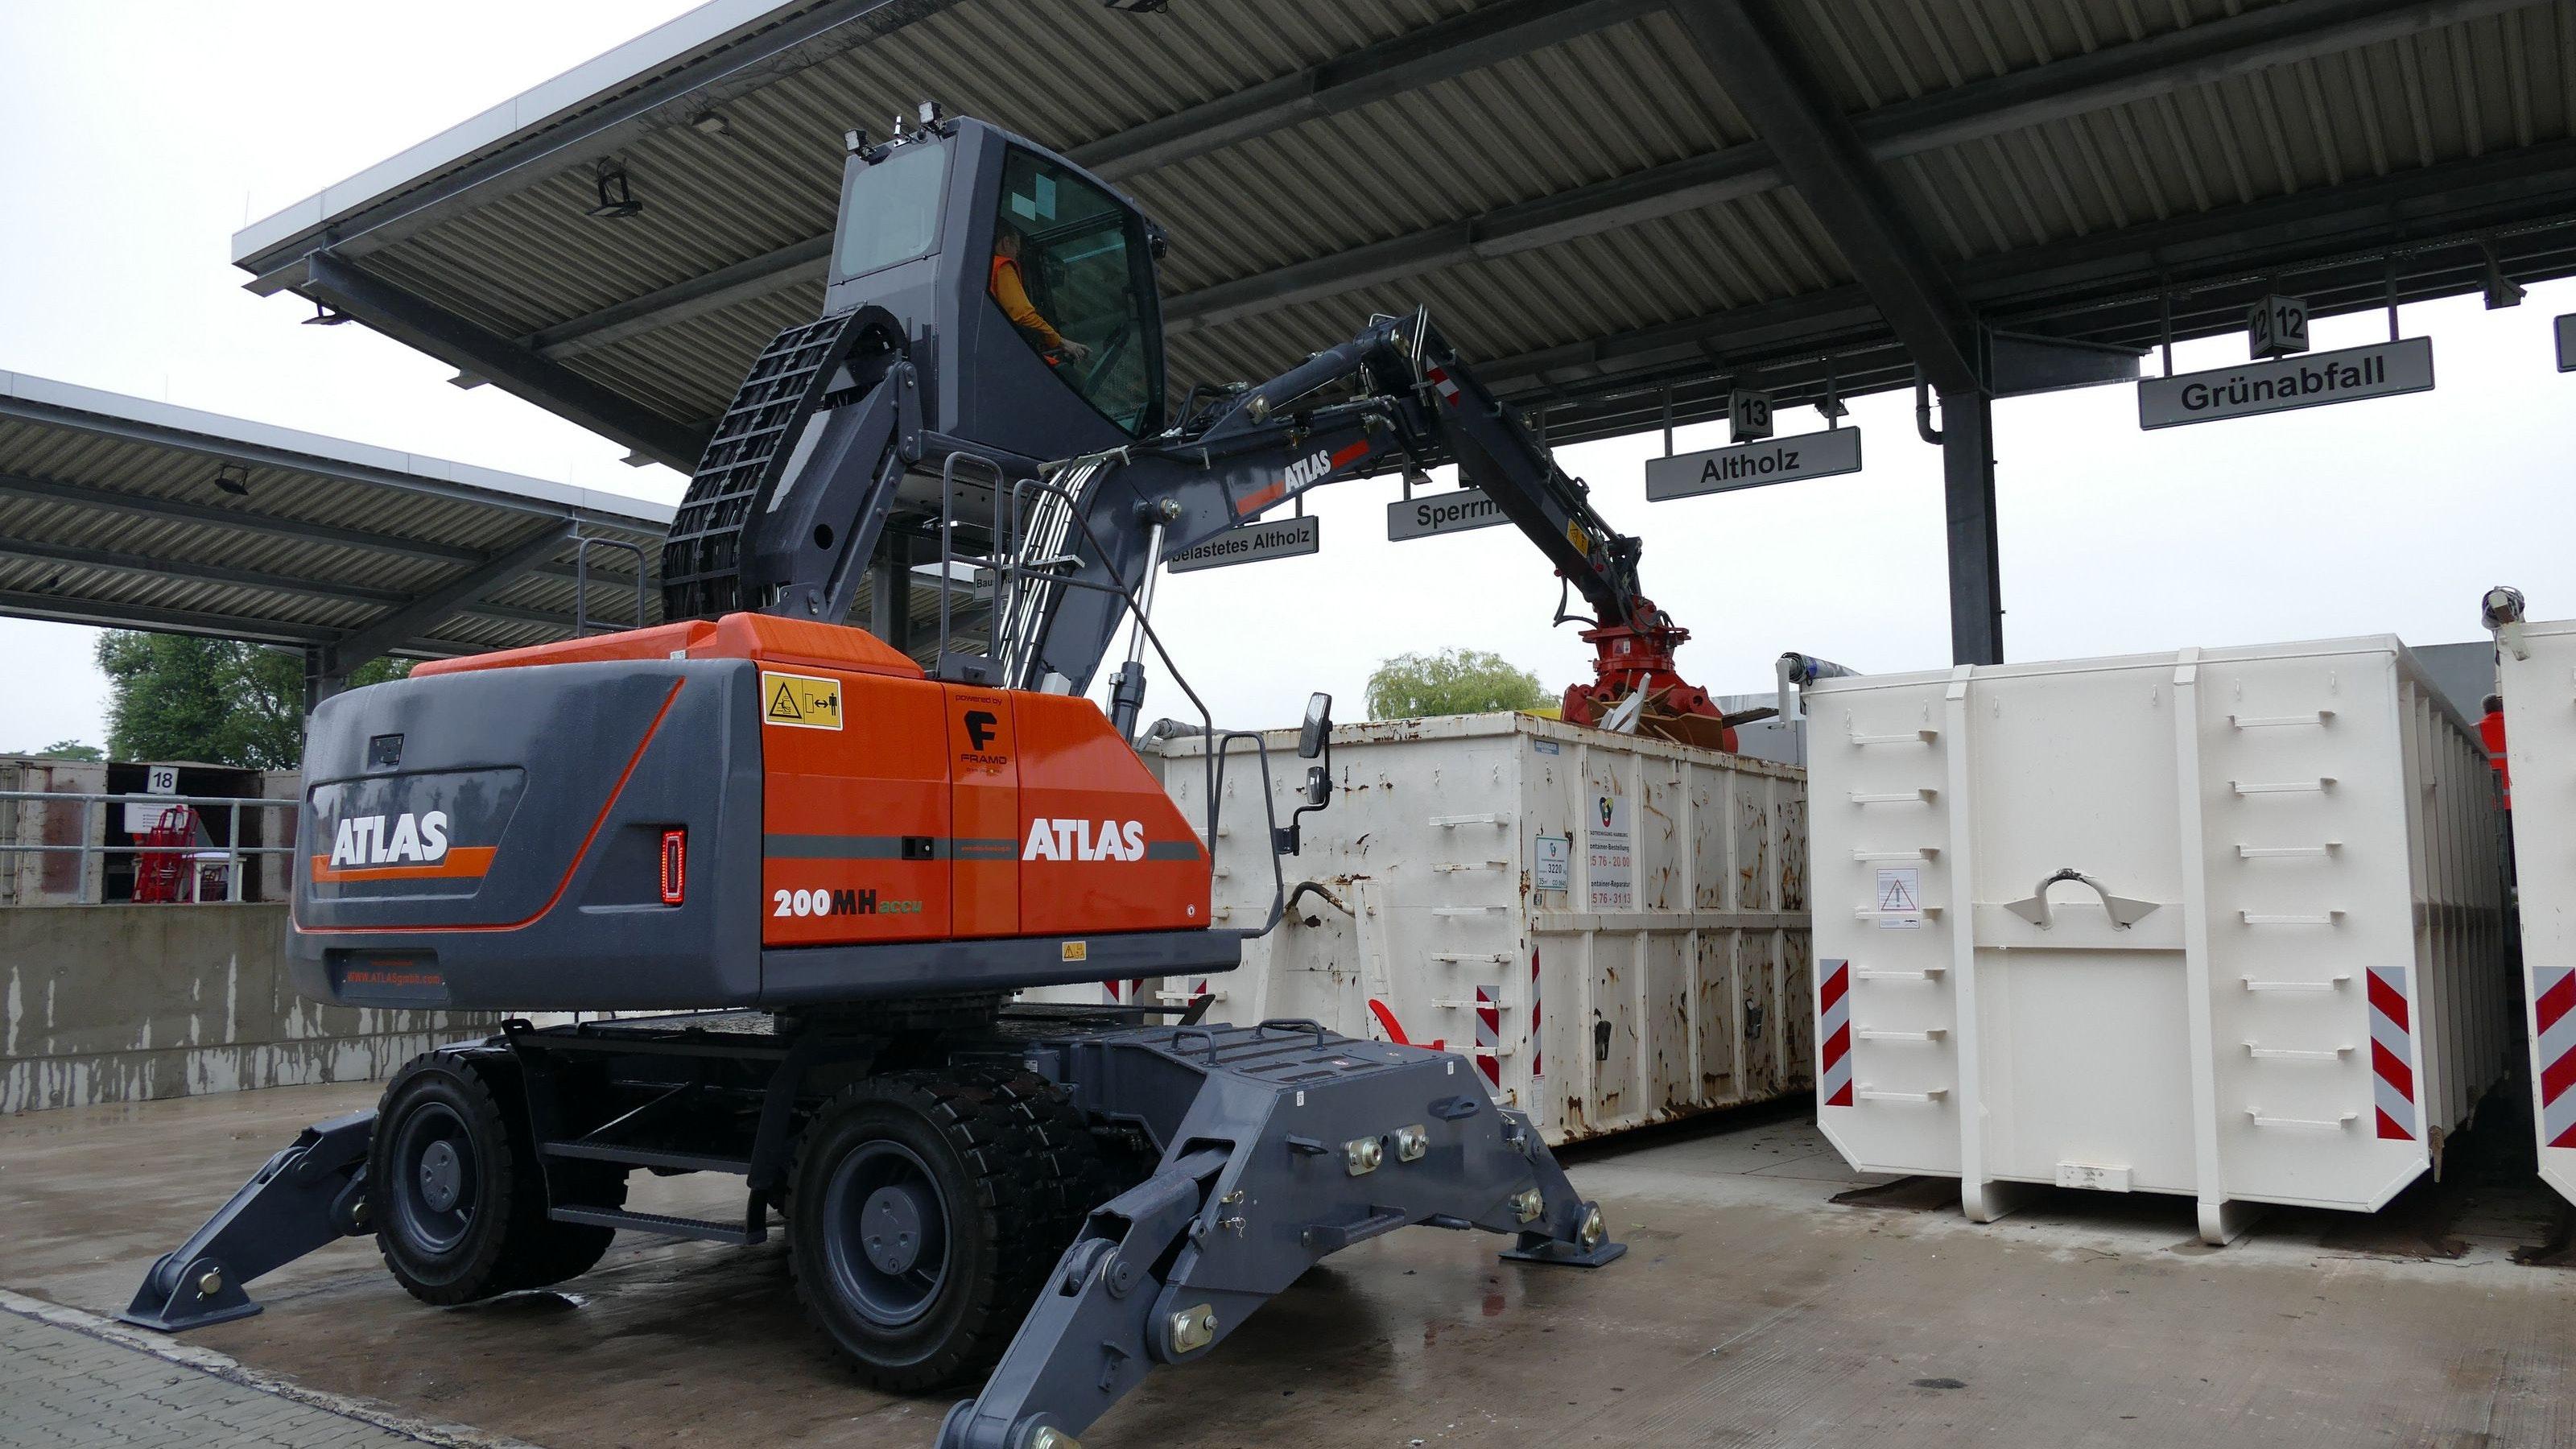 Im 21 Tonnen schweren Umladebagger Atlas 200 MH accu schlägt ein elektrisches Herz. Foto: Maas <br>